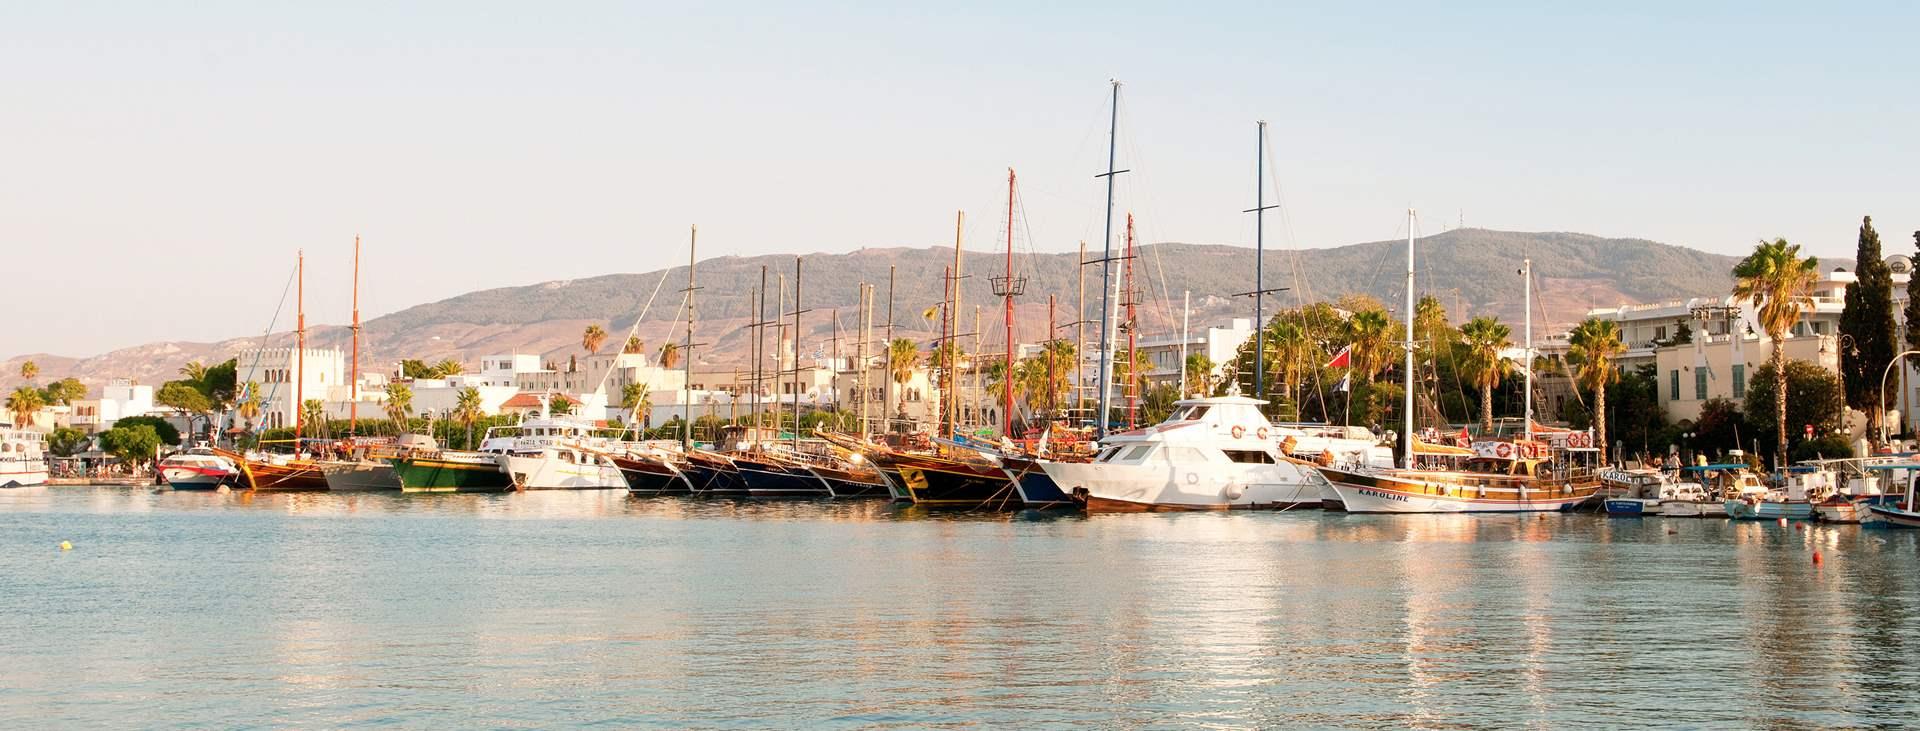 Boka din resa till Kos i Grekland med Ving